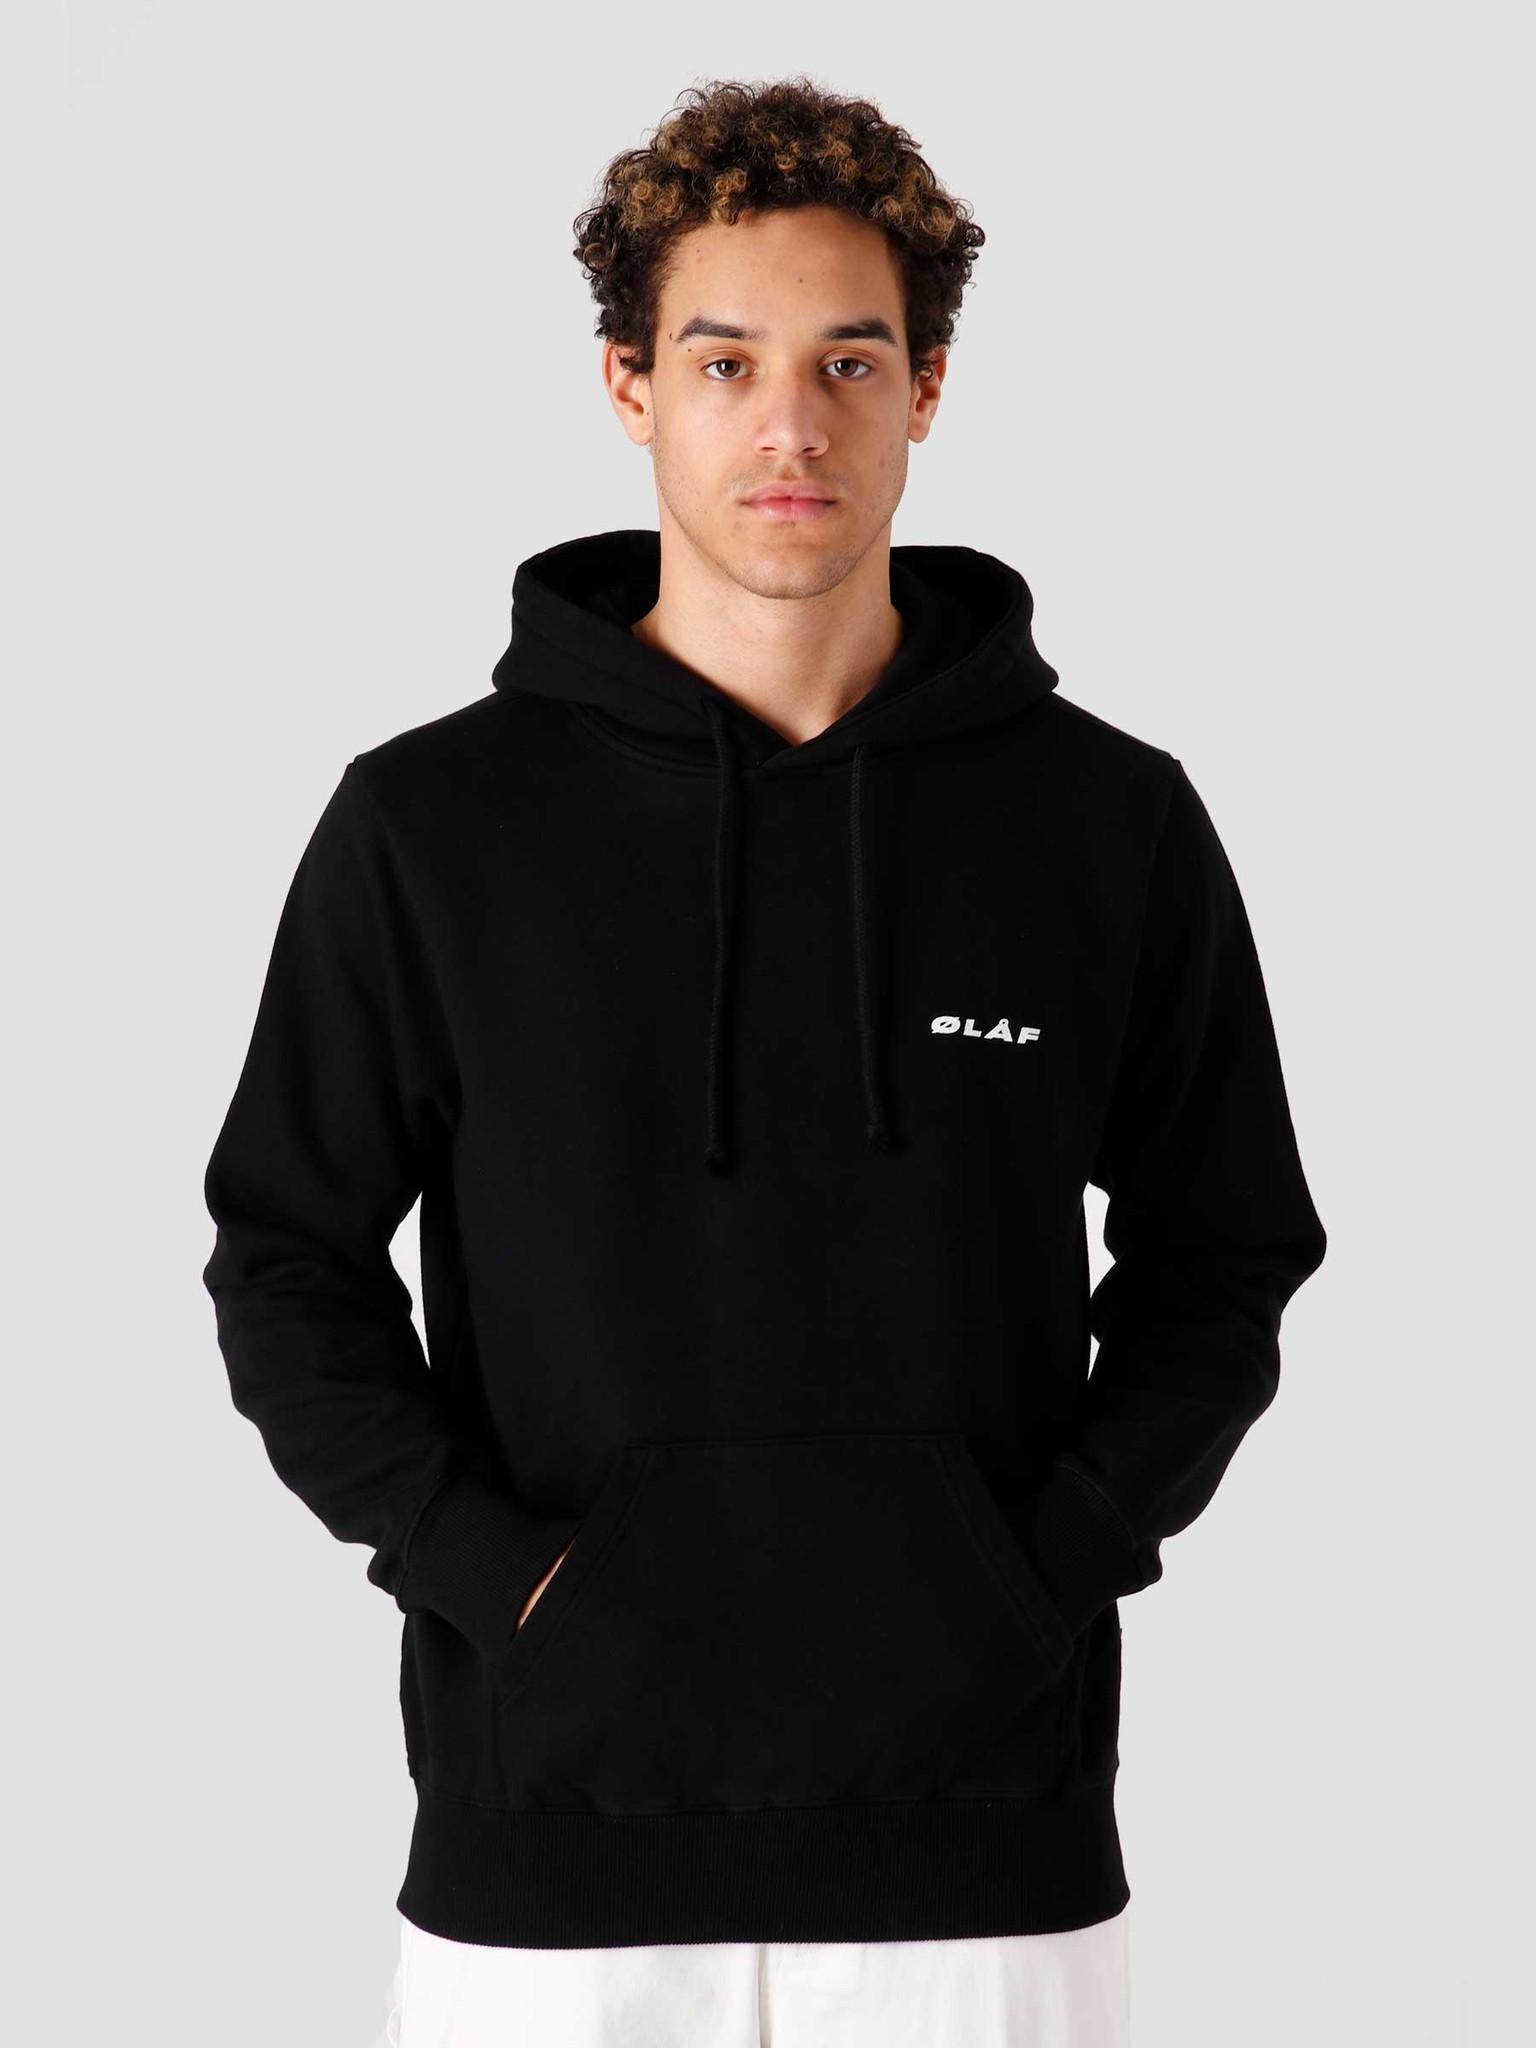 Olaf Hussein Olaf Hussein OH Uniform Hoodie Black